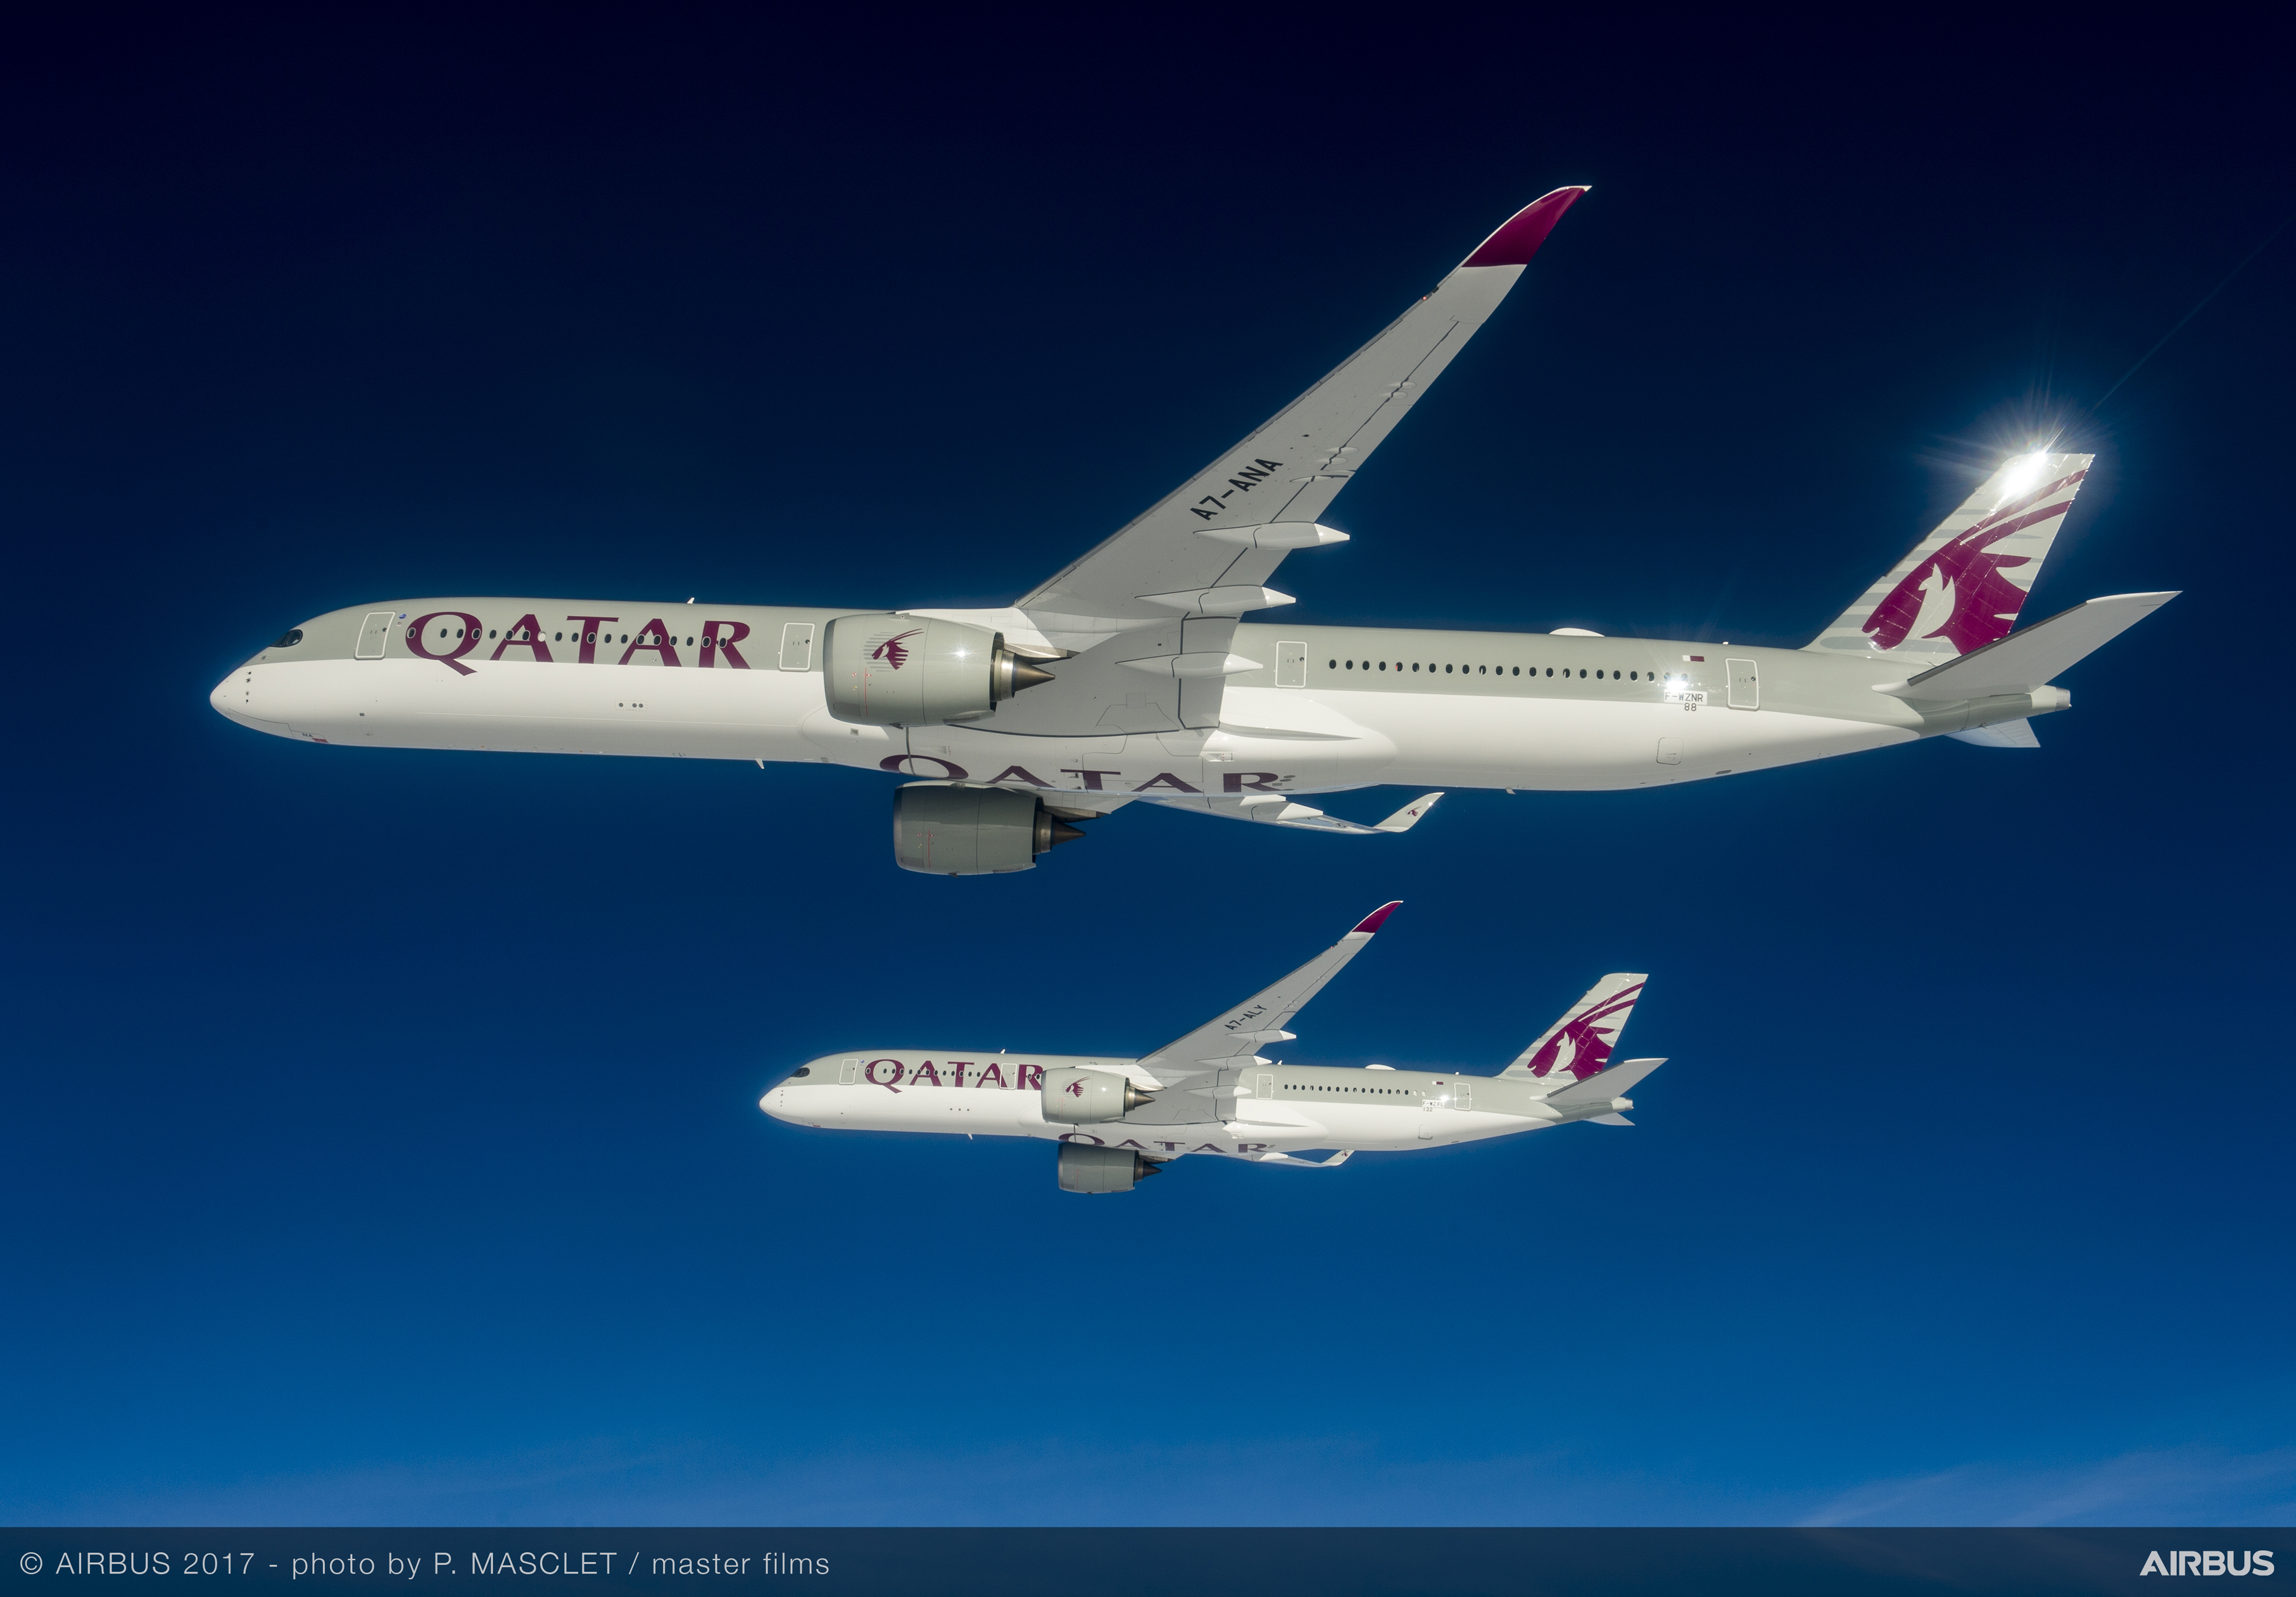 Qatar A350-1000